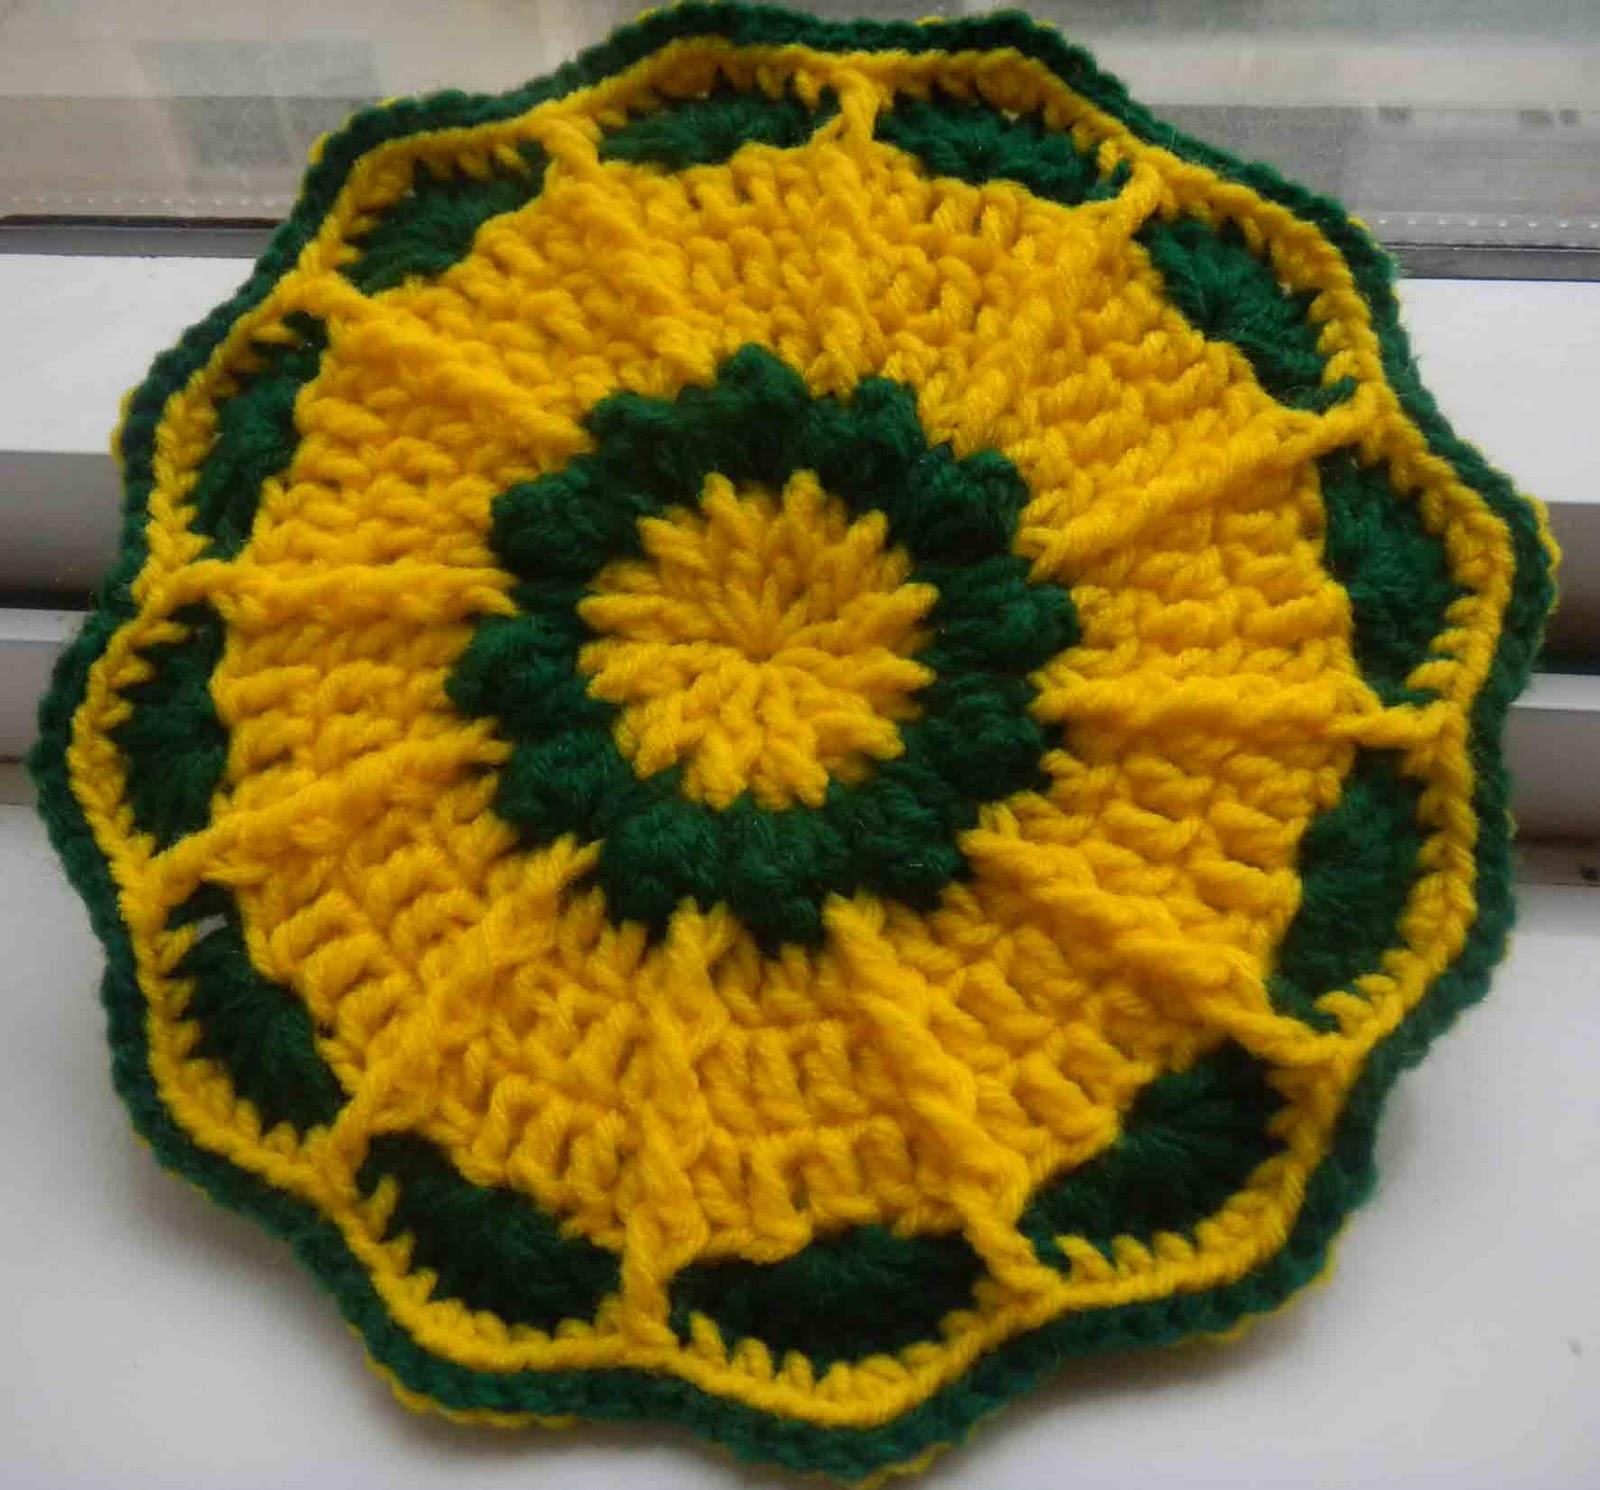 sandvicrochet: Free pattern of crochet Flower pot holder